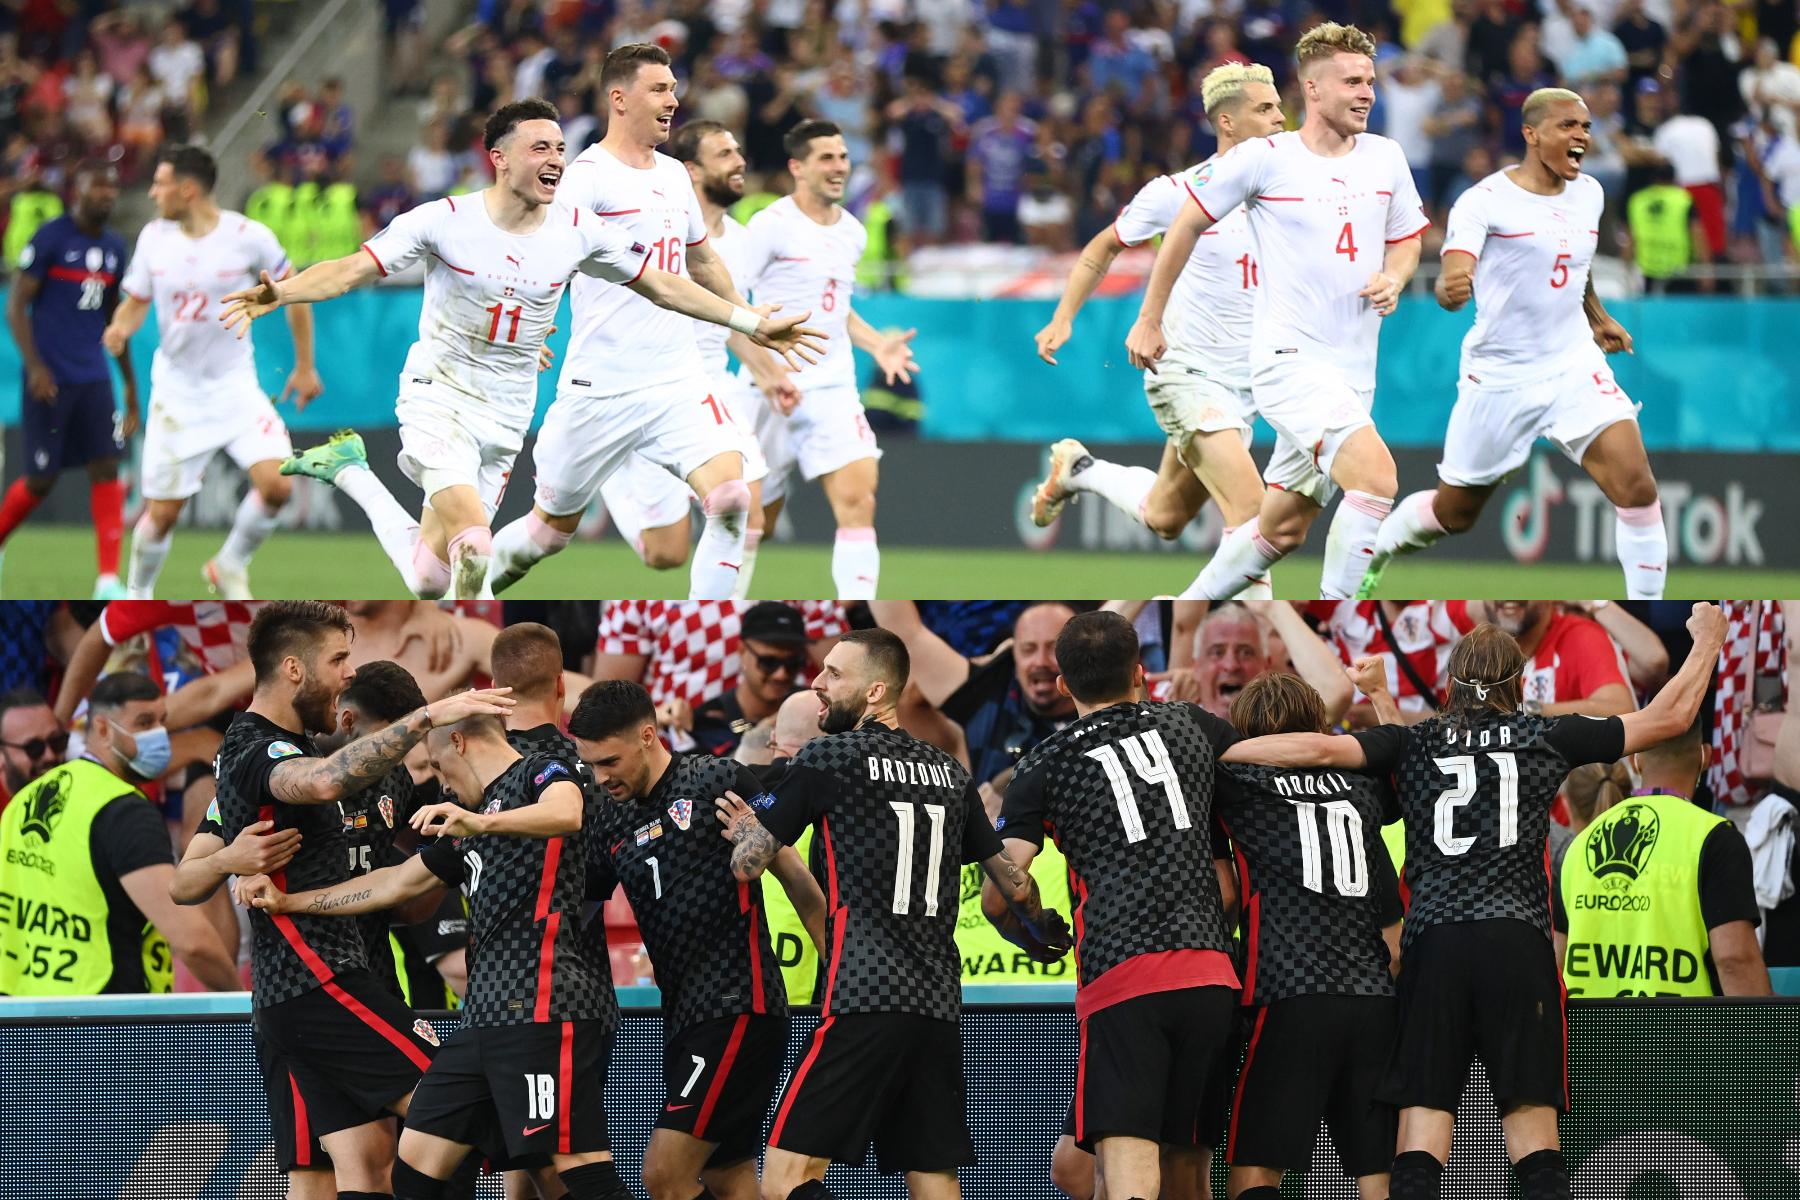 フランス代表に勝利したスイス代表(上)と惜しくも敗退となったクロアチア代表【写真:ロイター】